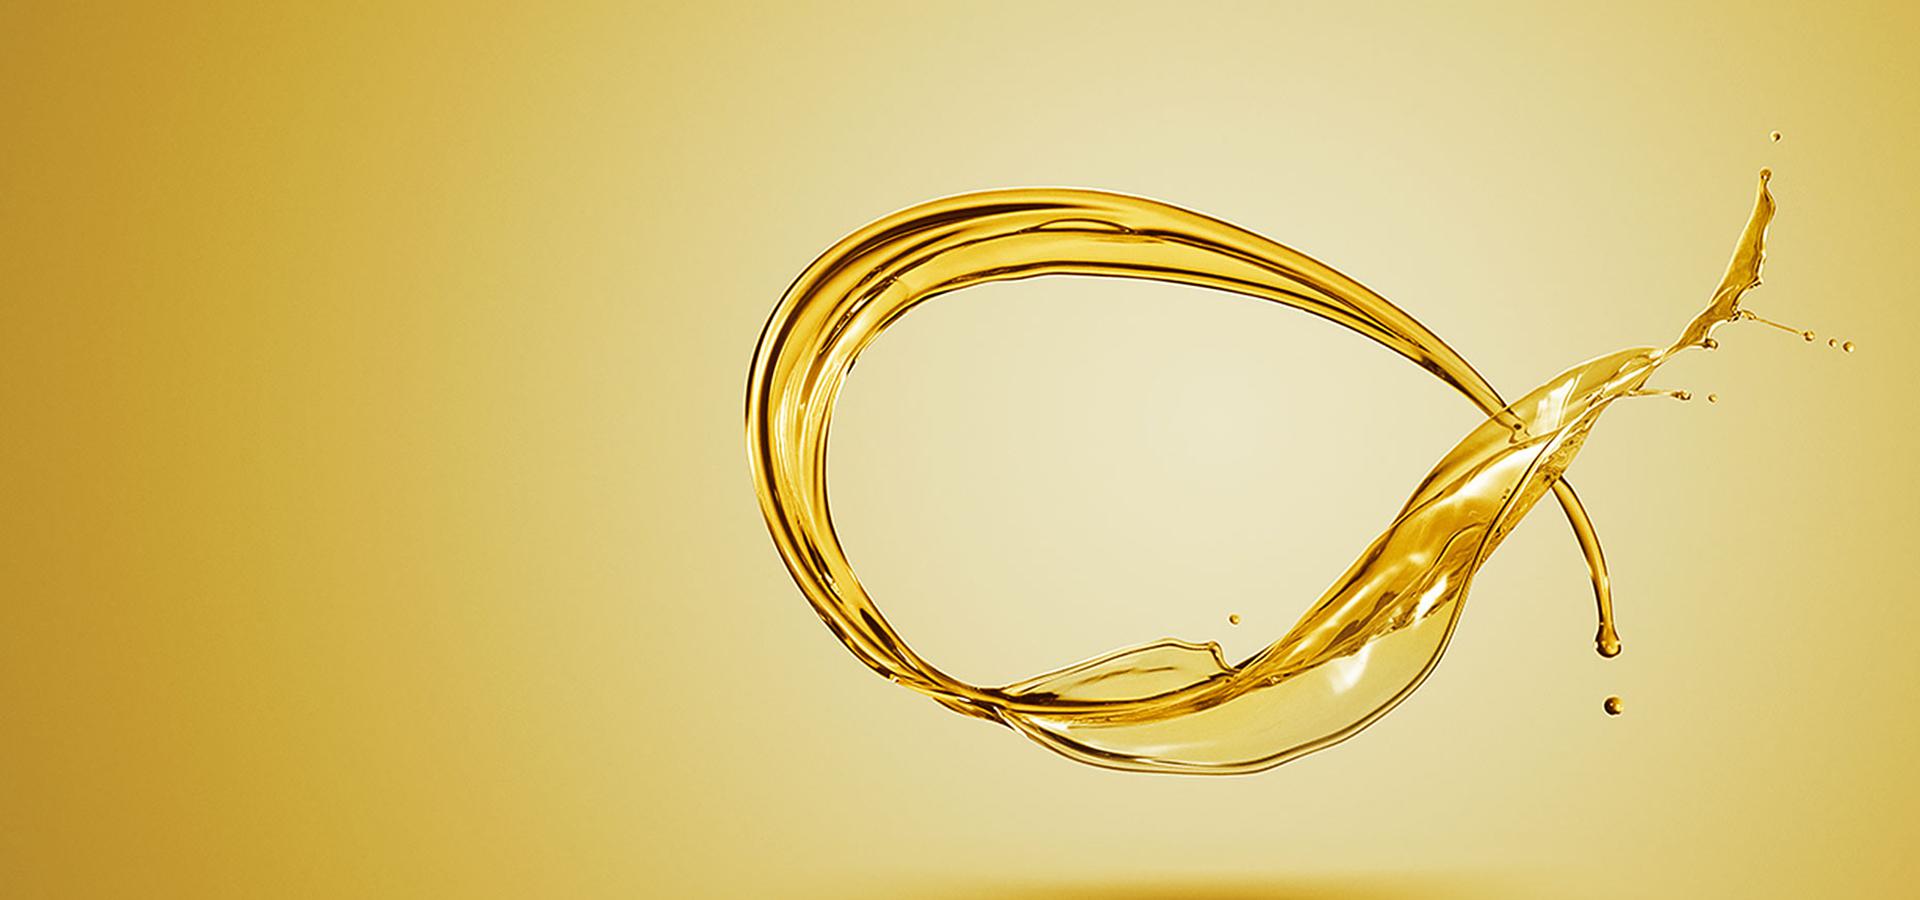 Armband 3d draht symbol hintergrund Band Zeichen Design Hintergrund ...